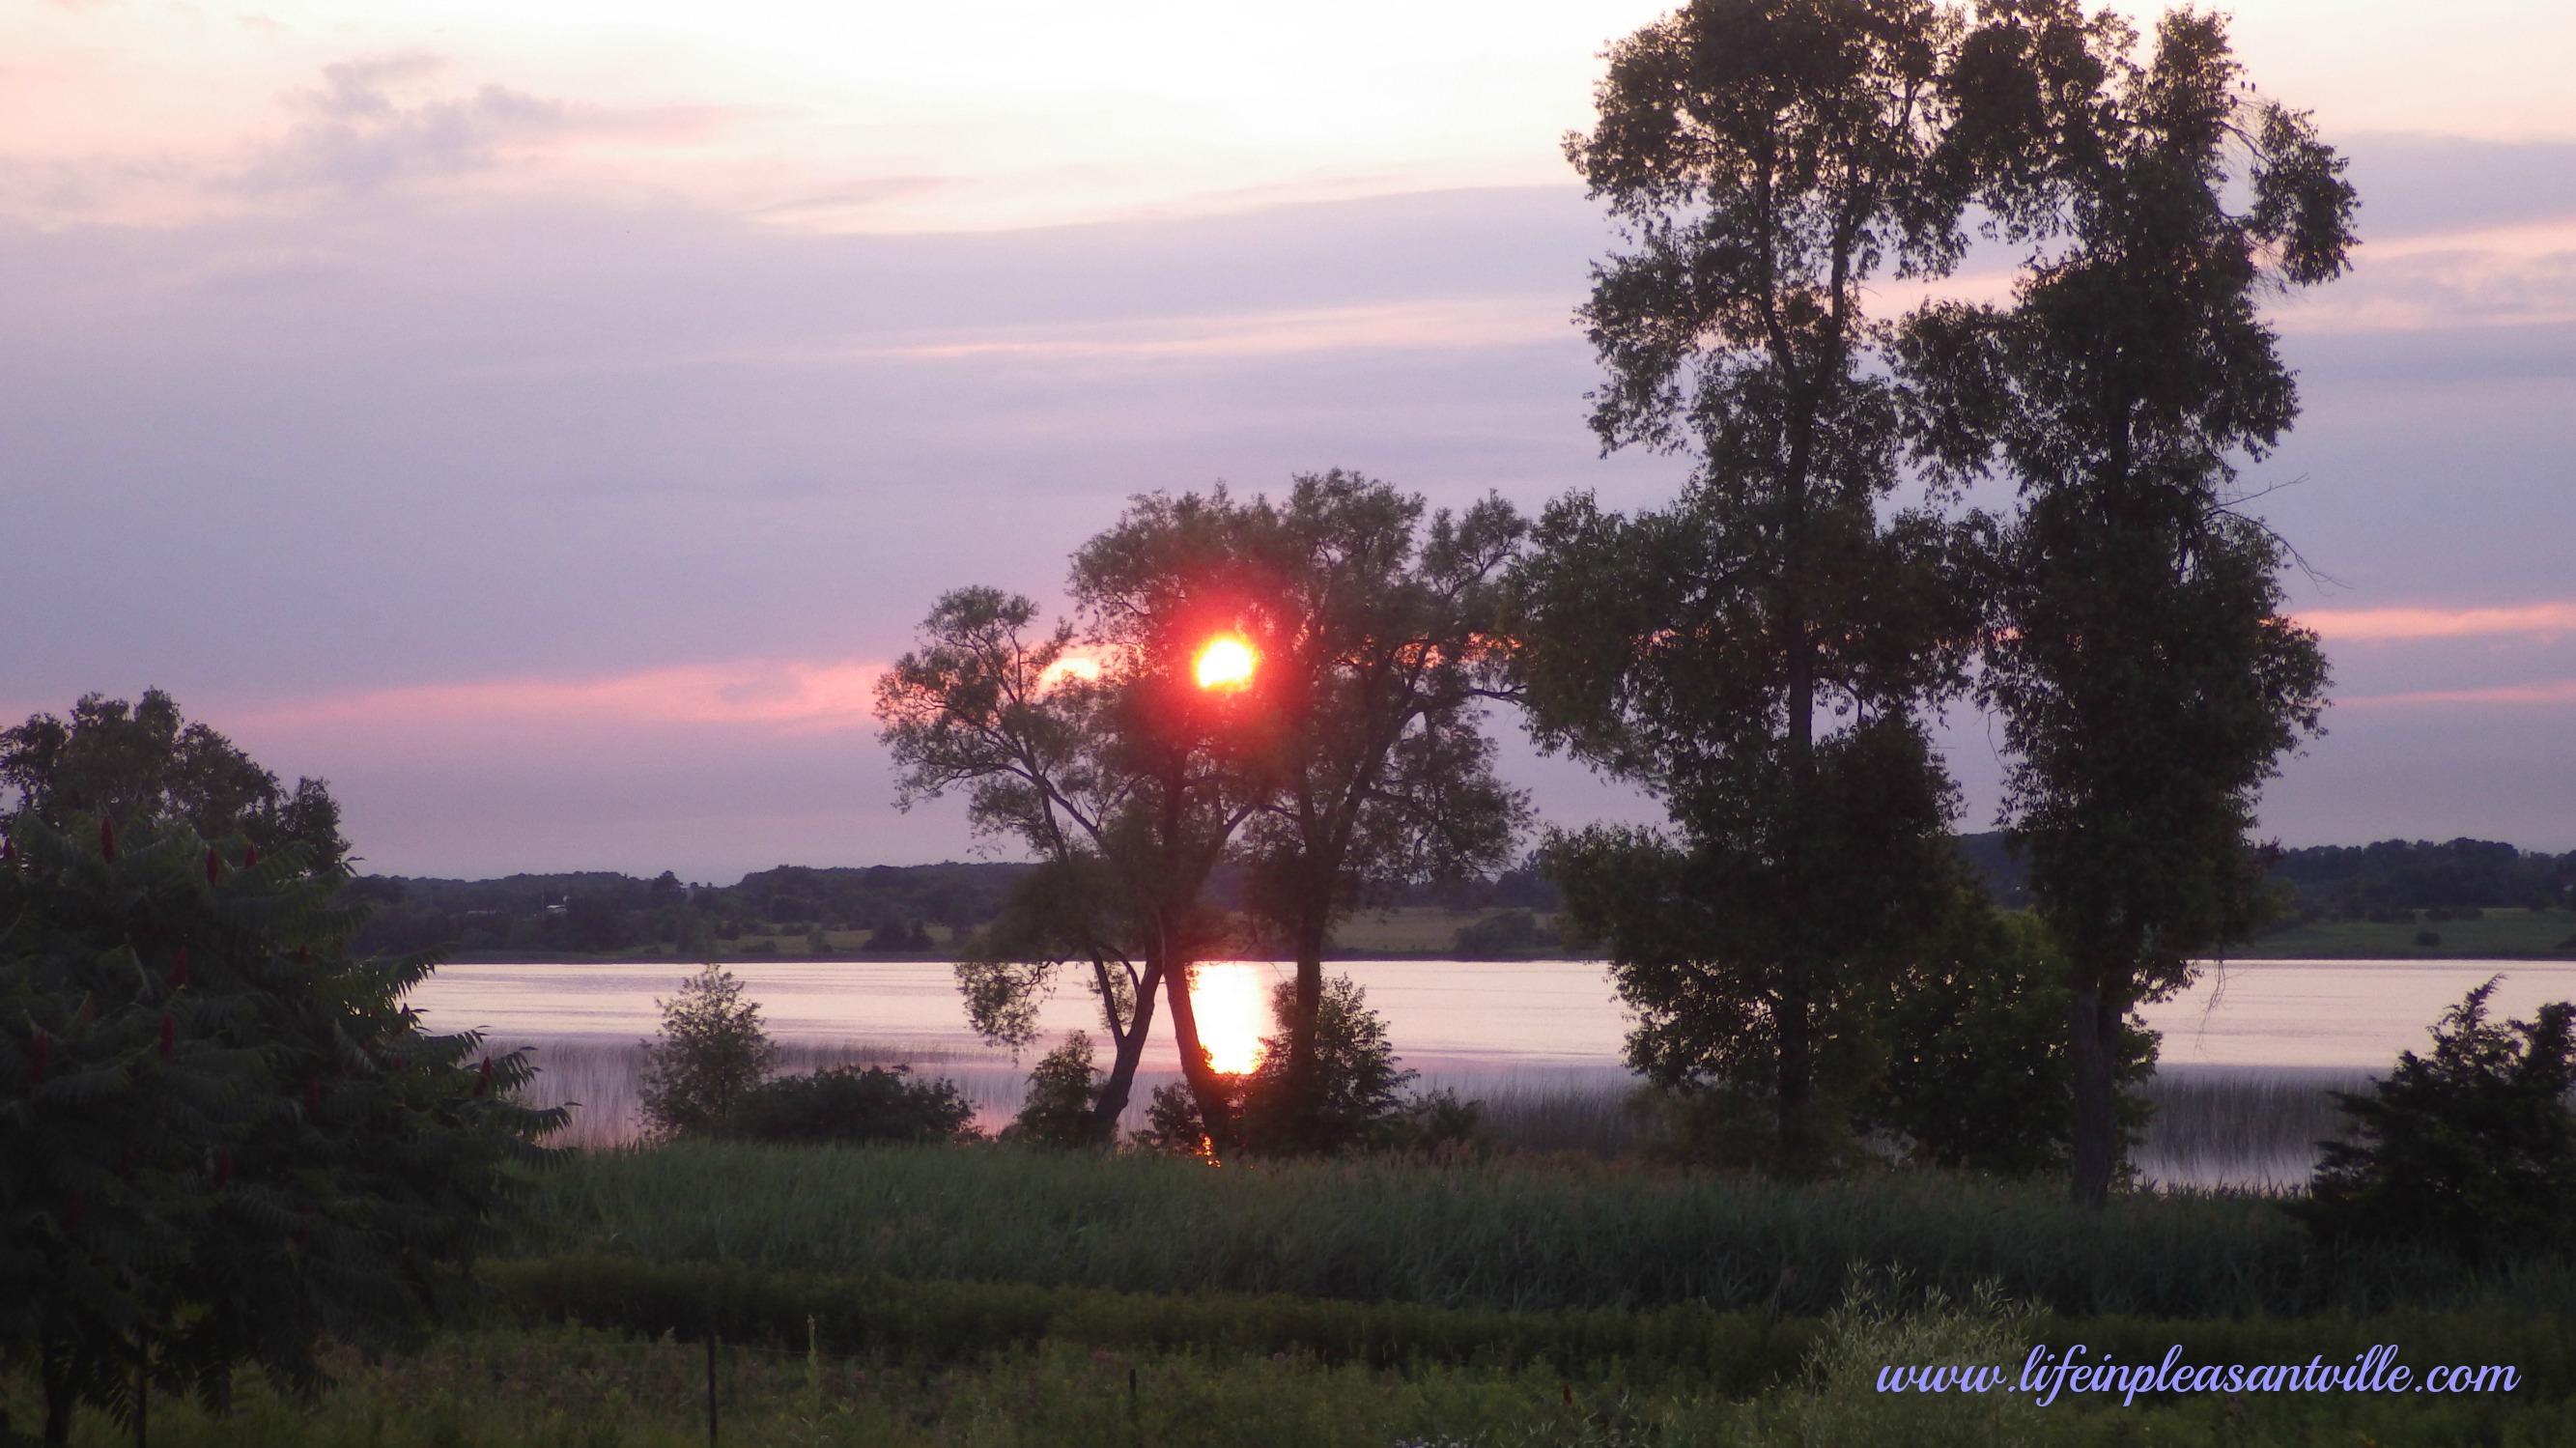 Prince edward county, Sunset at AWAY lifeinP